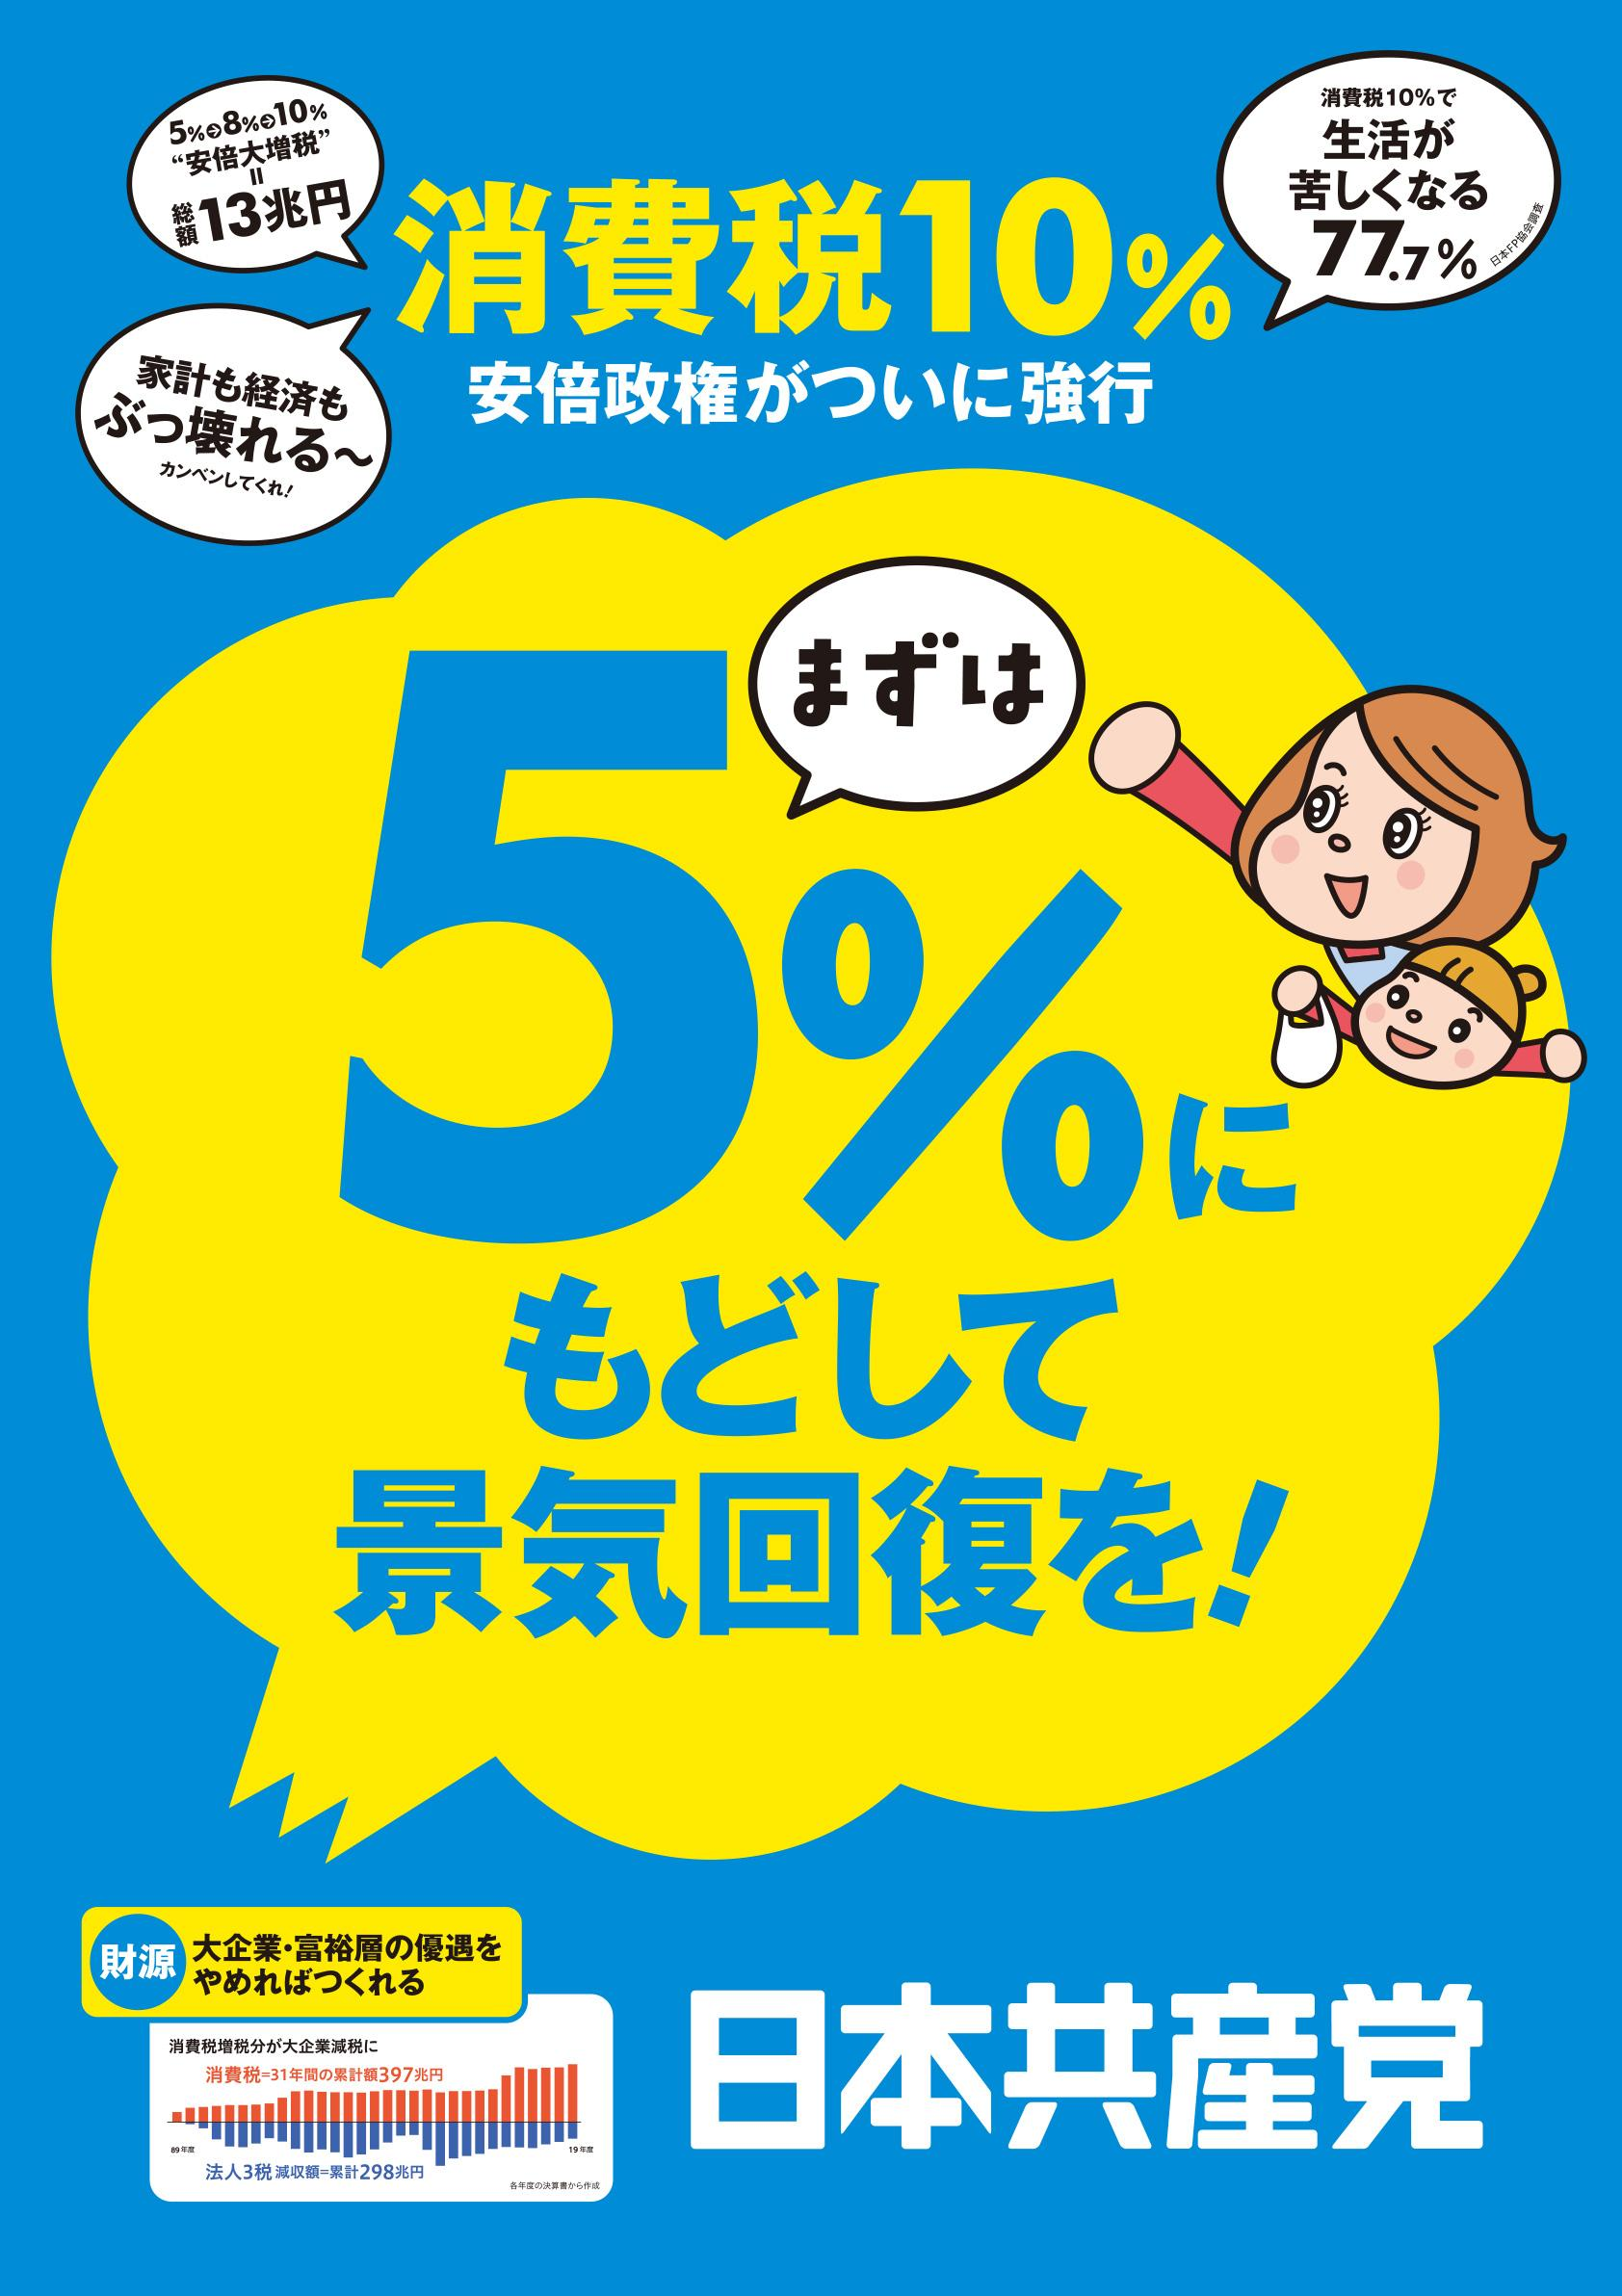 【プラスター】消費税10%安倍政権がついに強行 まずは5%にもどして景気回復を!